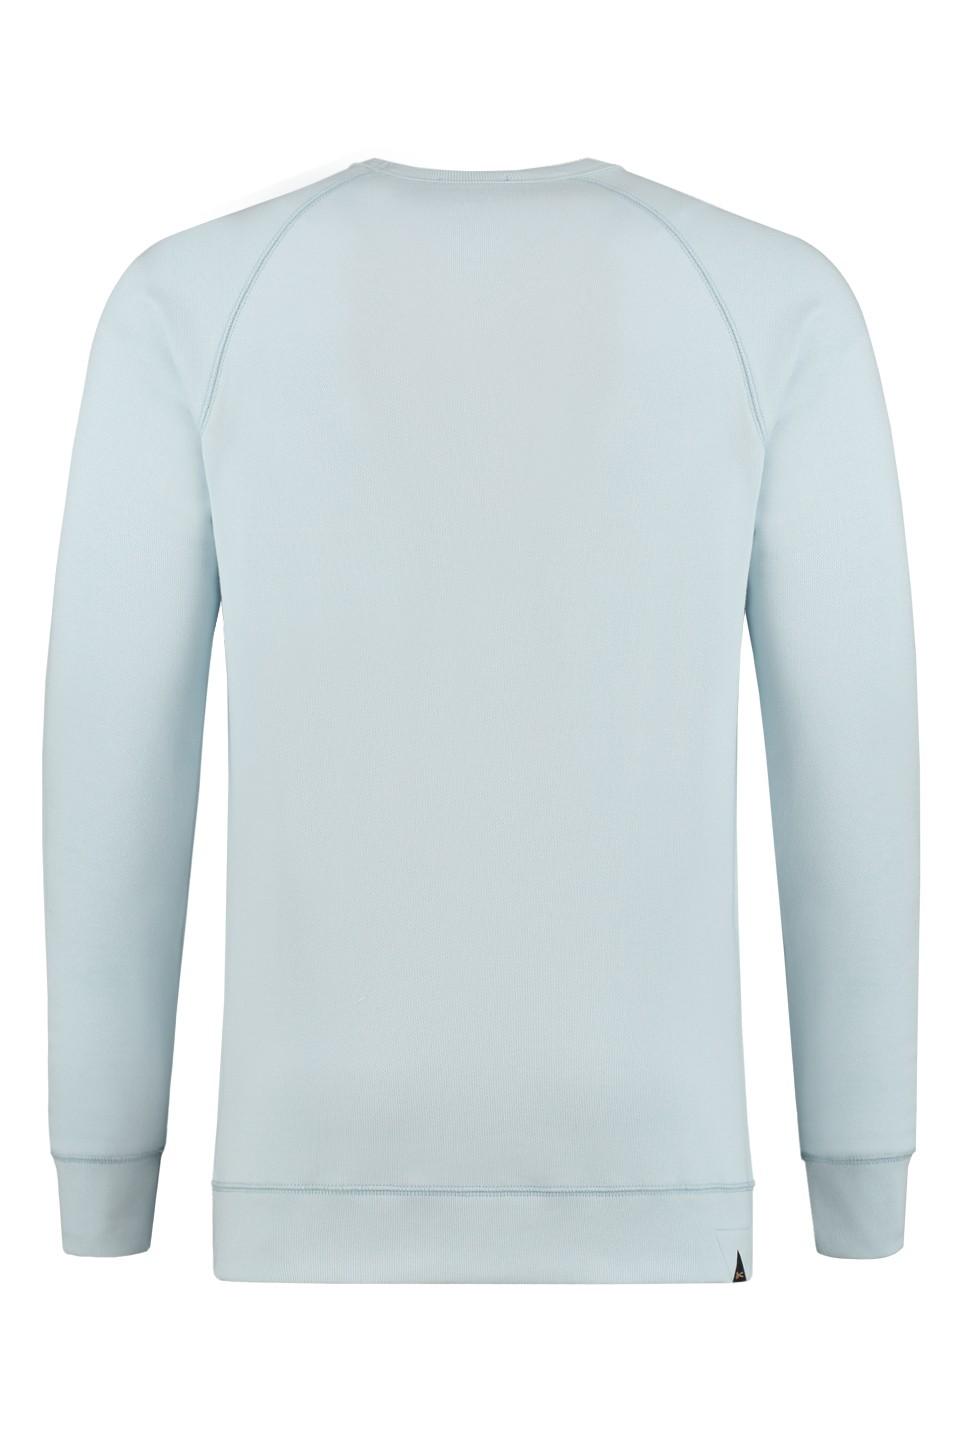 Denham Brand Sweat PRSU Sweater Grijs